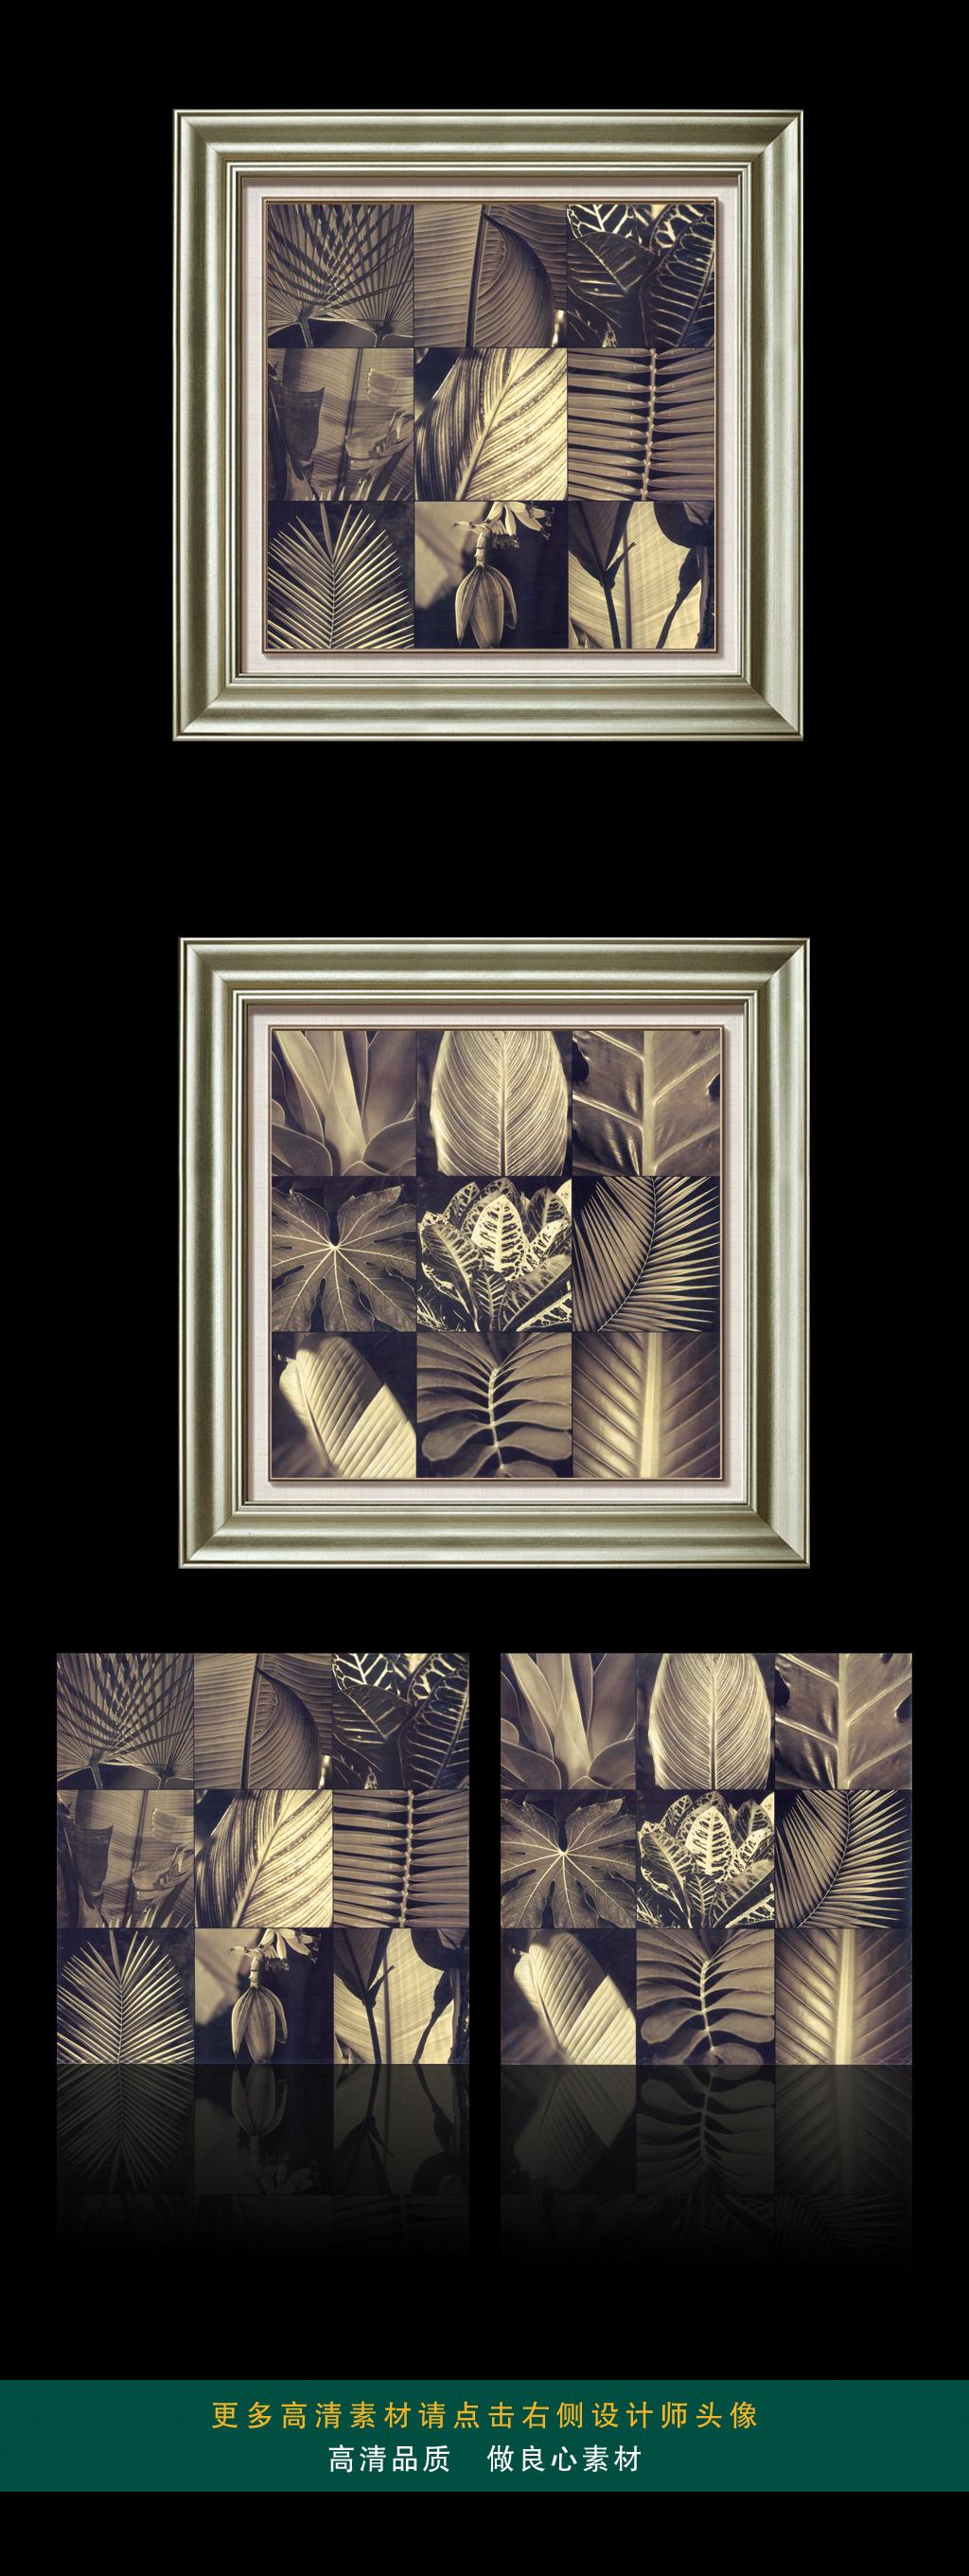 黑白映像植物花卉风景装饰画